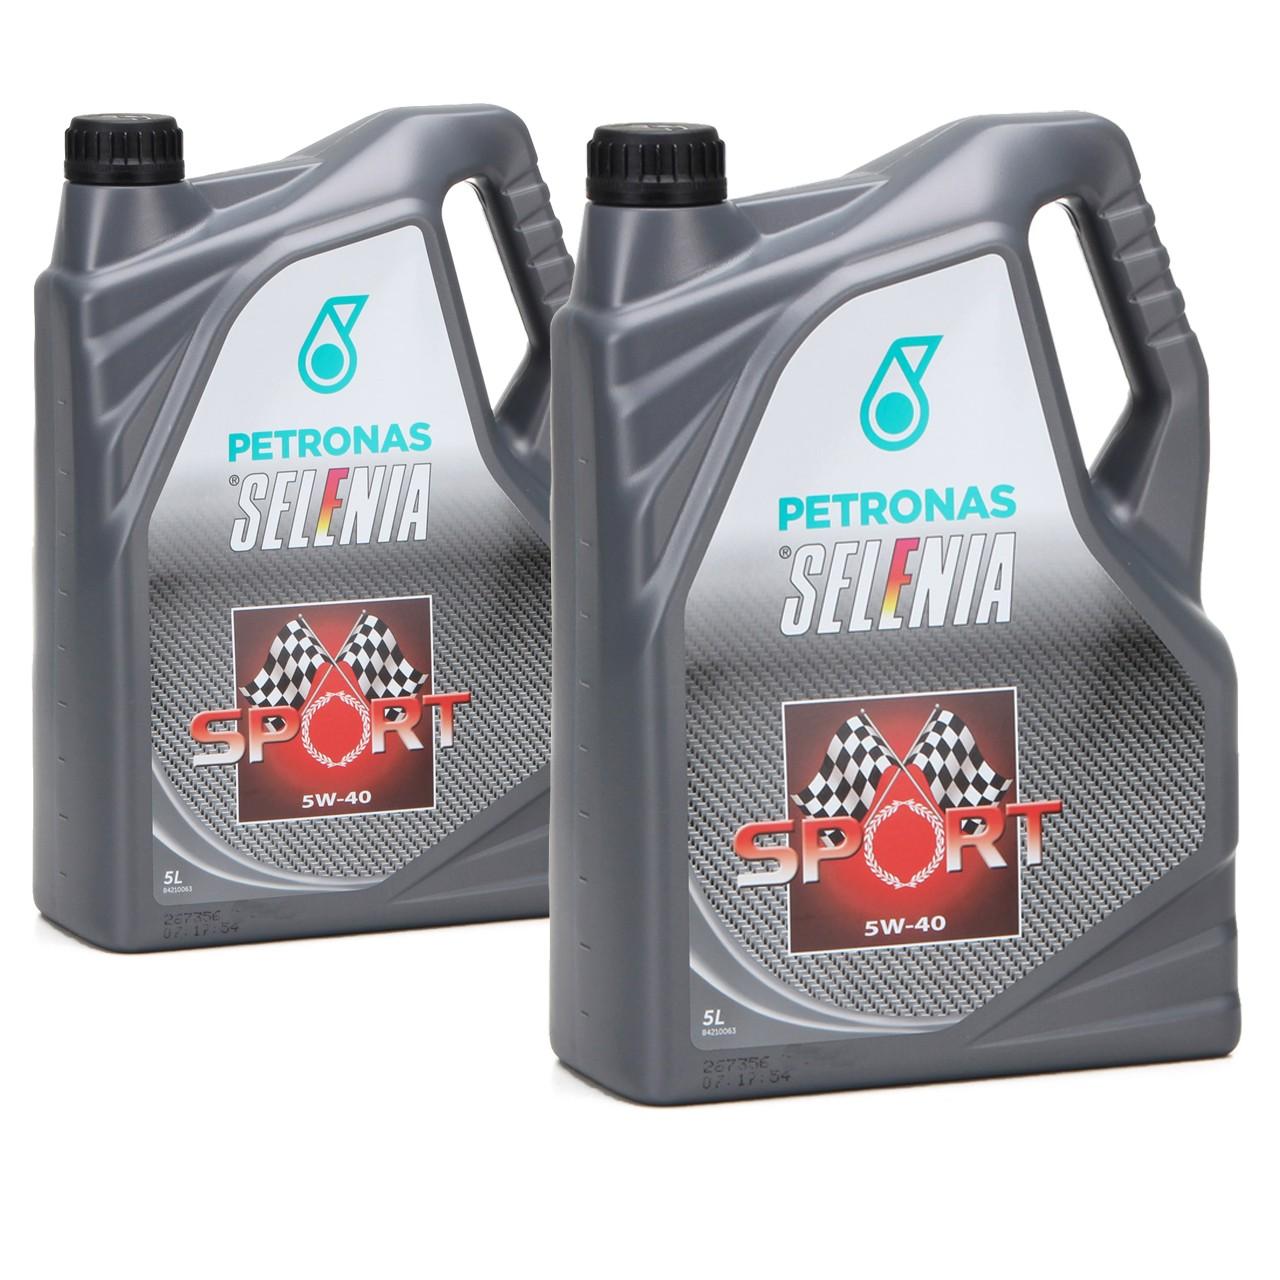 PETRONAS SELENIA Motoröl Öl SPORT 5W40 5W-40 für Fiat 9.55535-Z2 - 10L 10 Liter